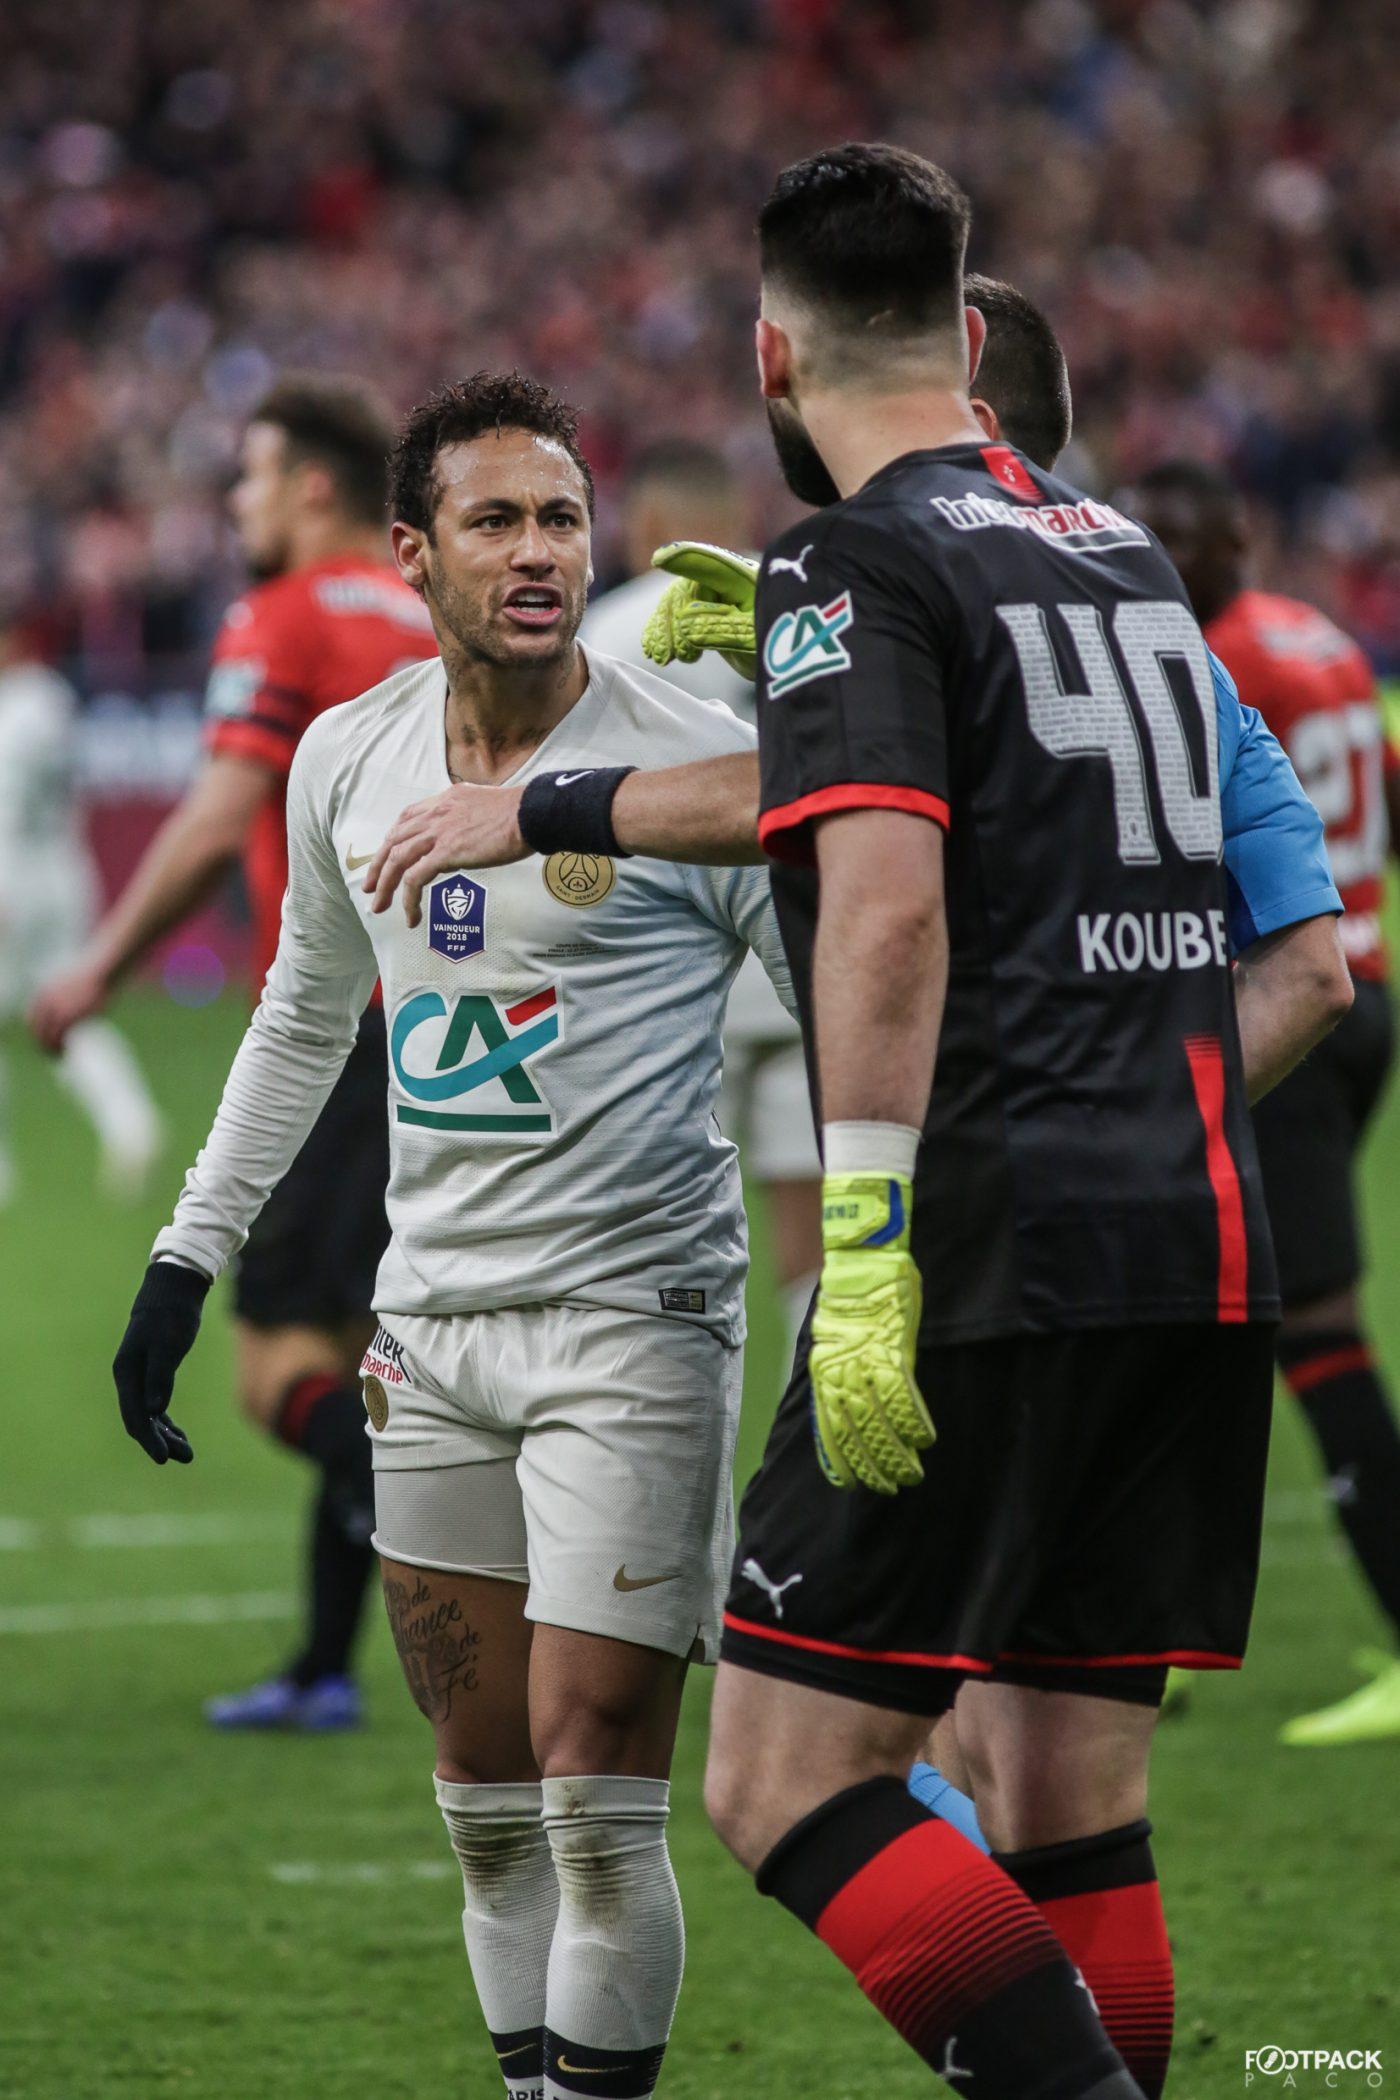 finale-coupe-de-france-2019-rennes-paris-saint-germain-43